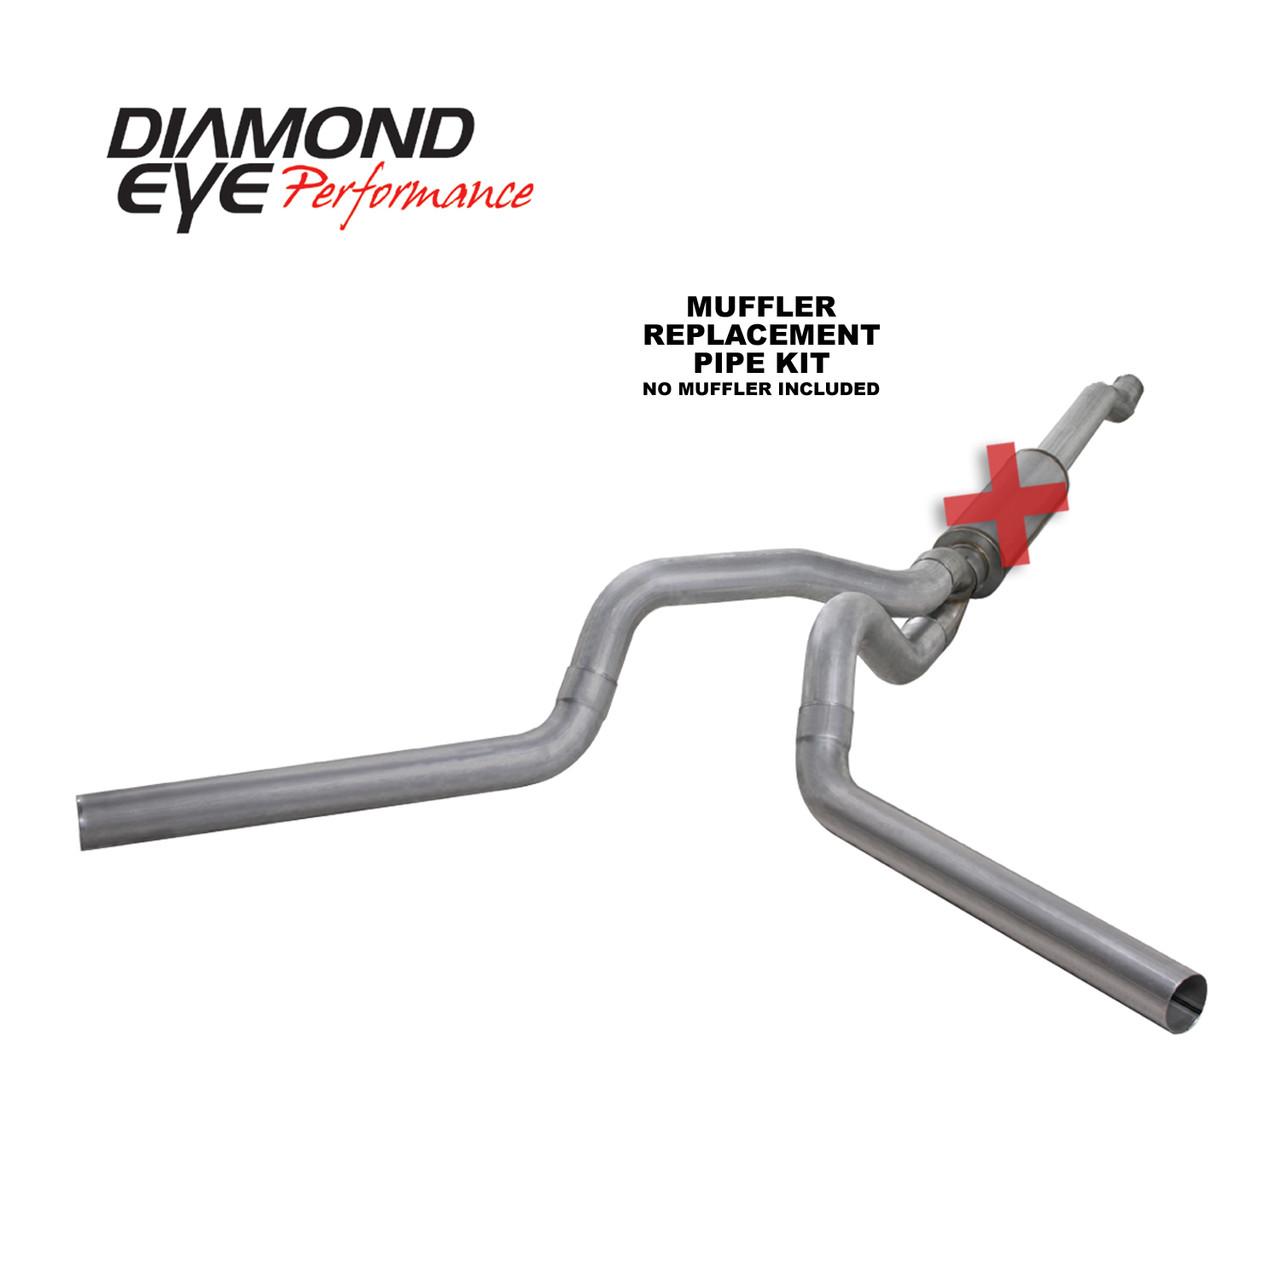 Diamond Eye 4 inch Alumized Dual Cat-Back Exhaust No Muffler 2003-2007 6.0 Powerstroke